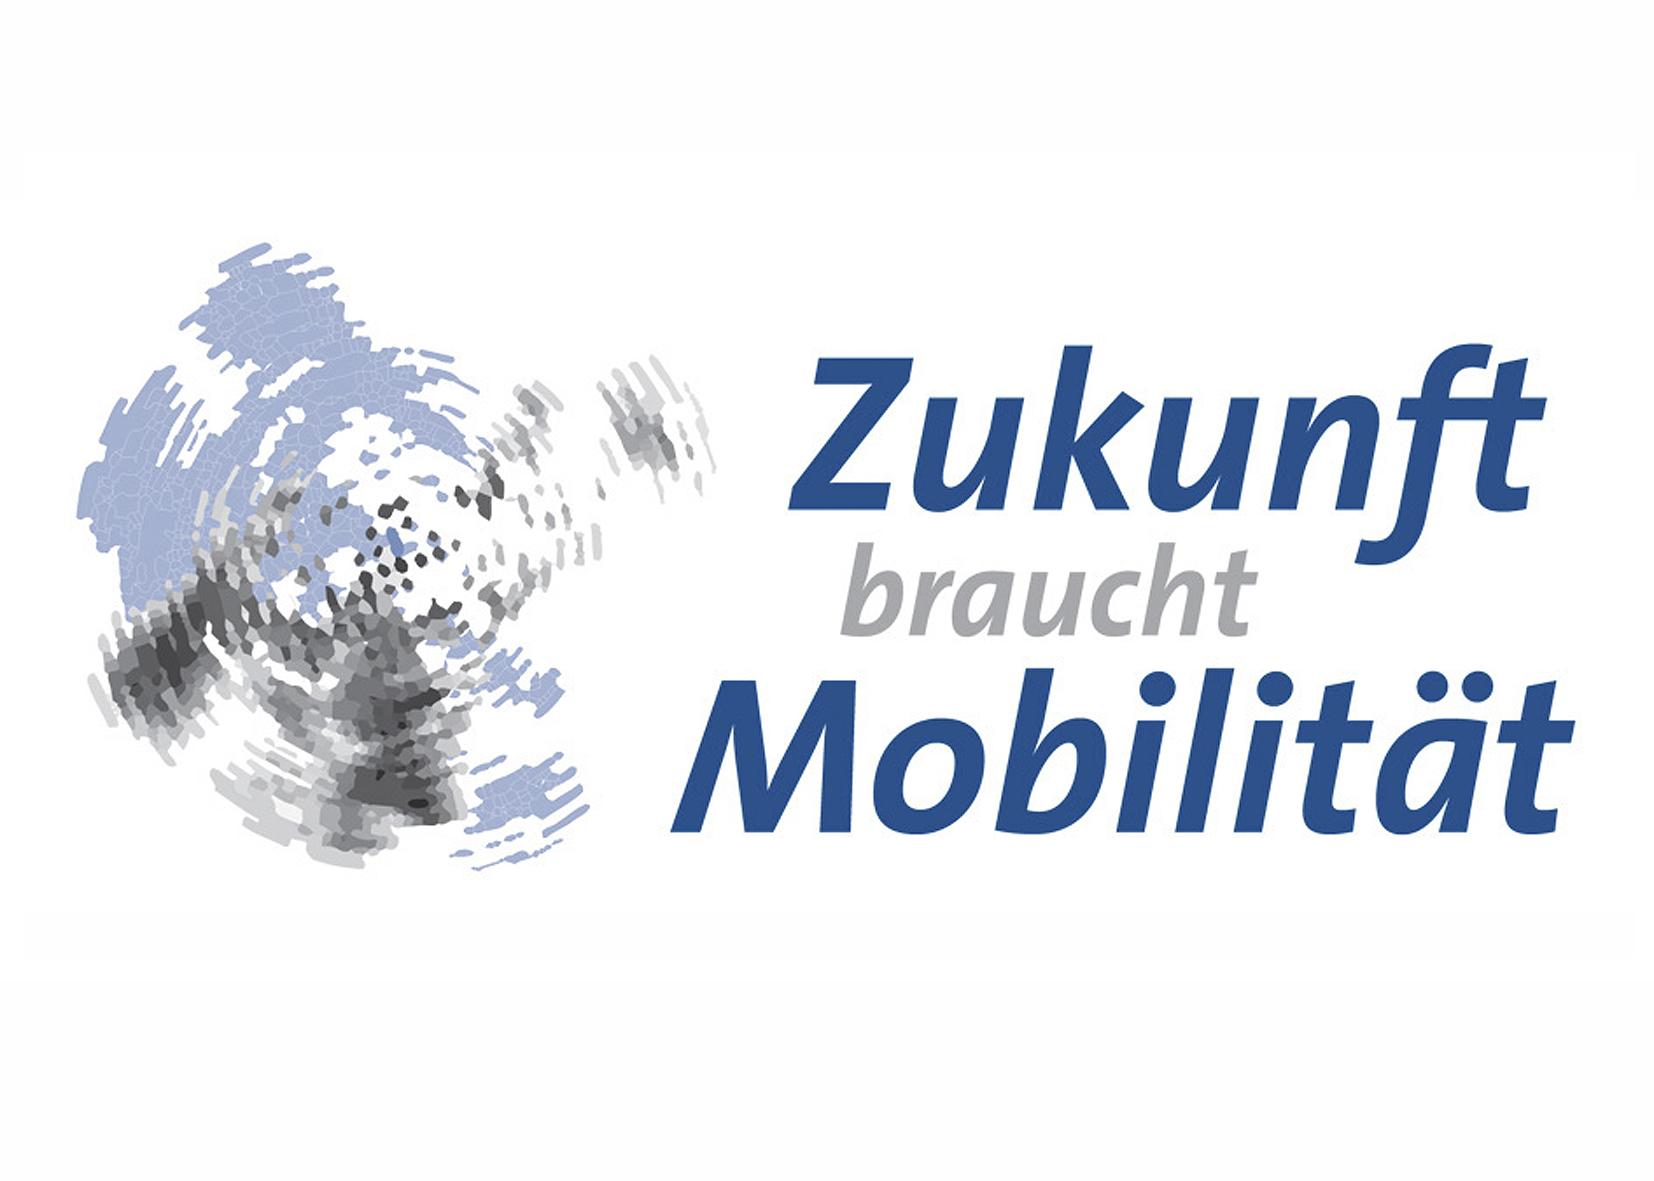 IHK-Jahreslogo 2009-2